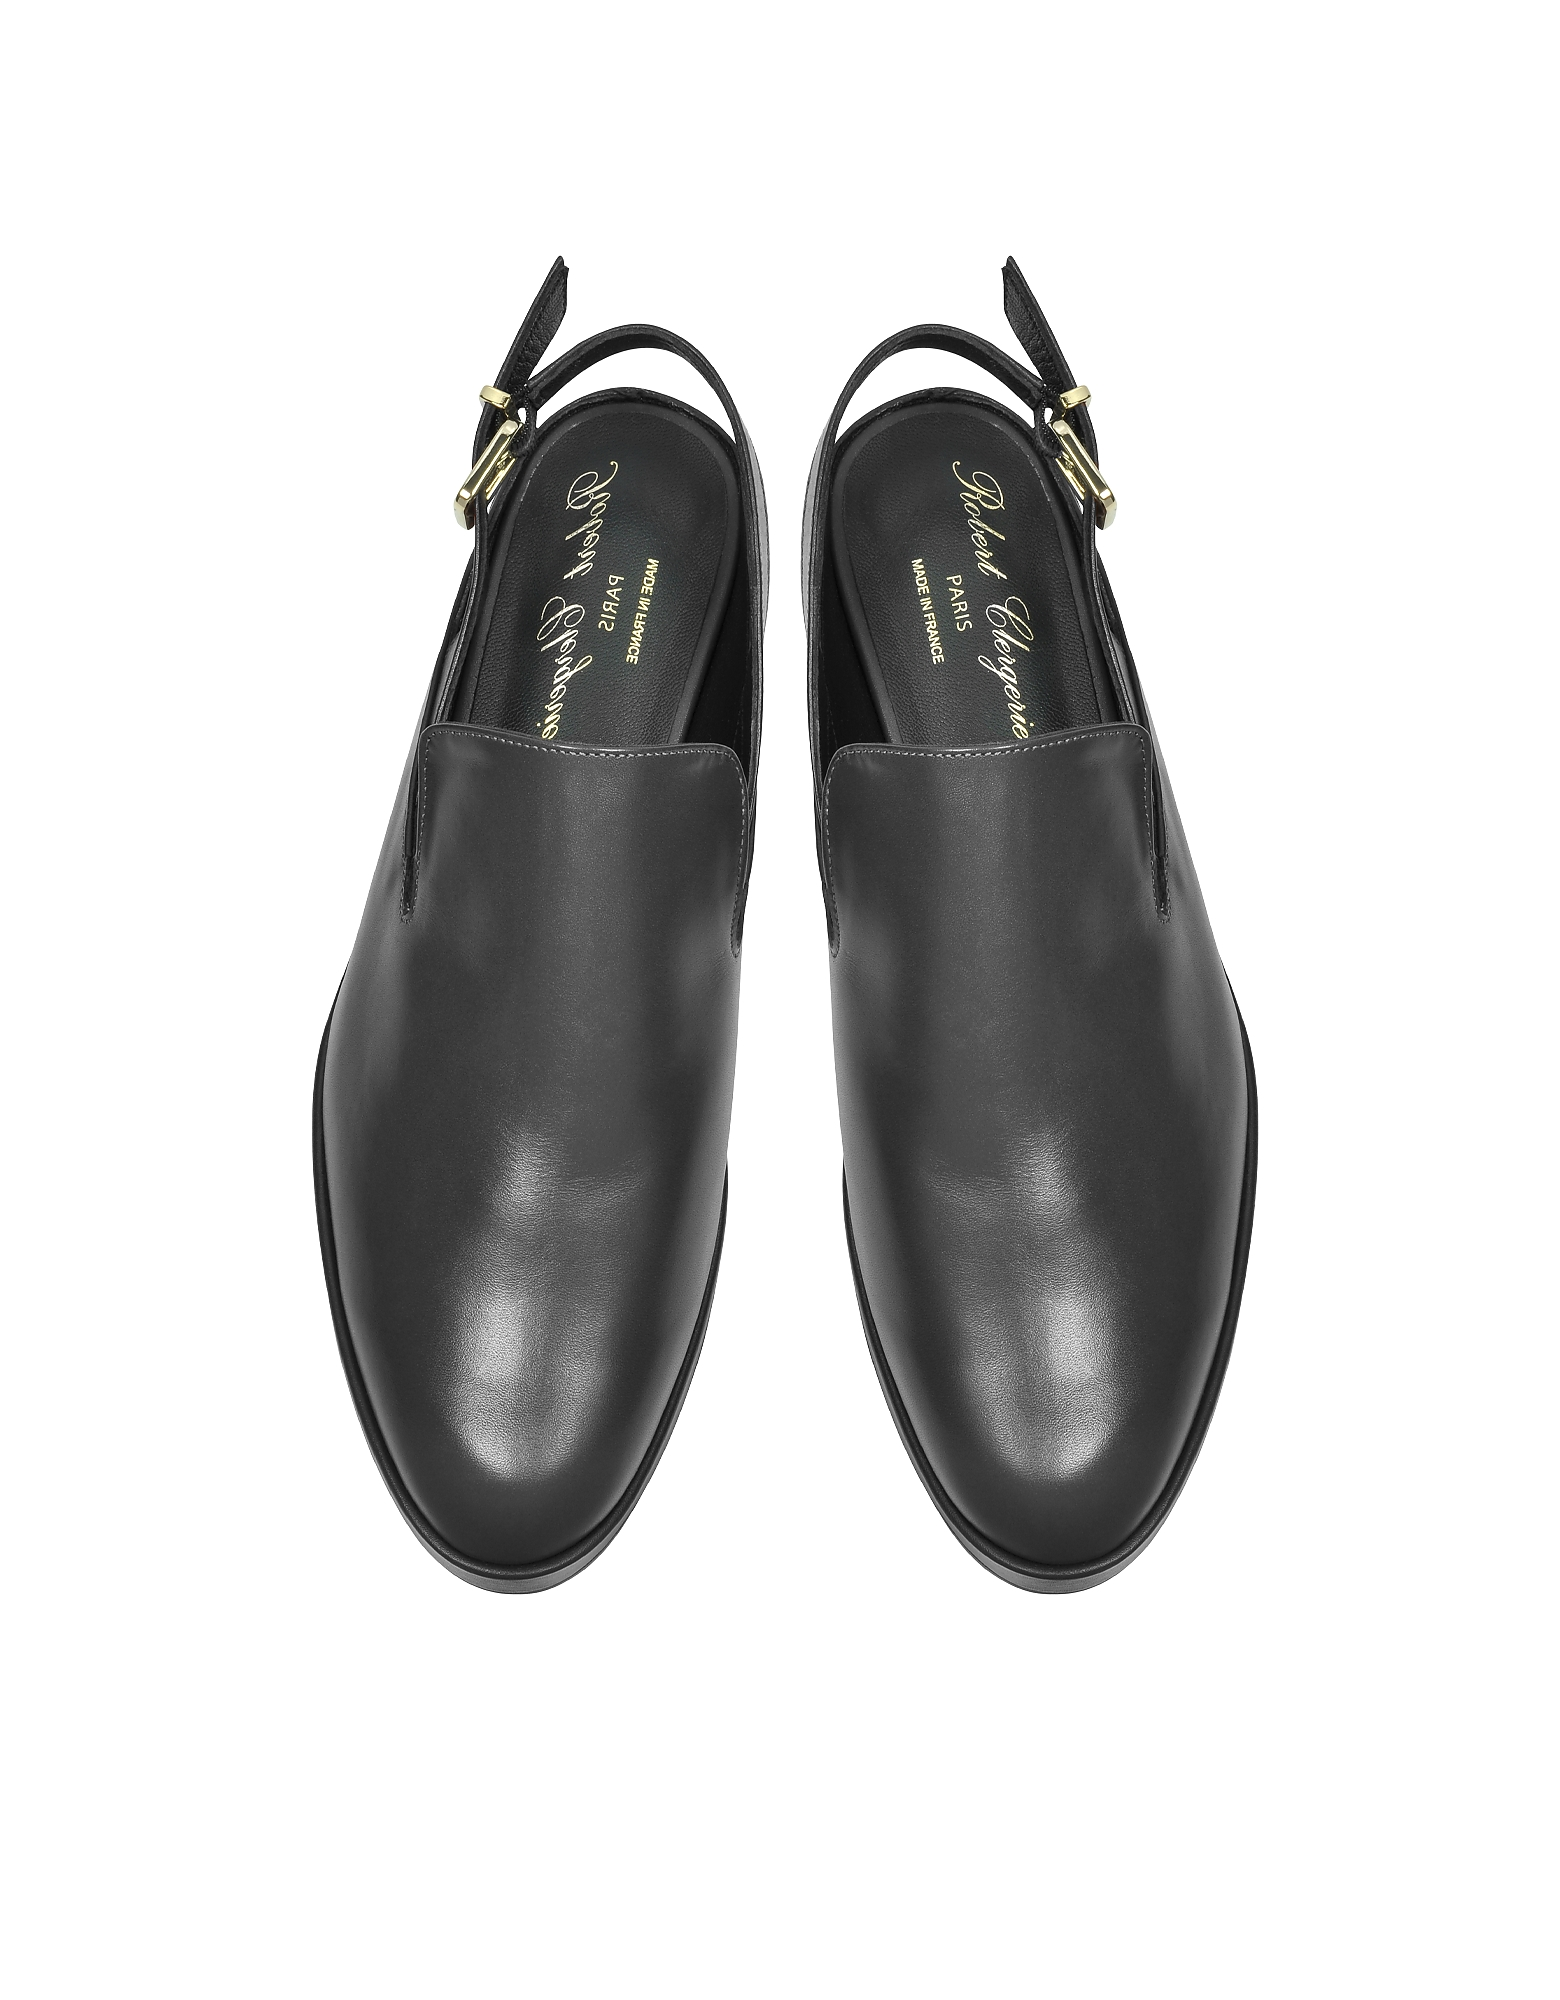 Фото Nalice - Черные Кожаные Сандалии на Плоской Платформе. Купить с доставкой